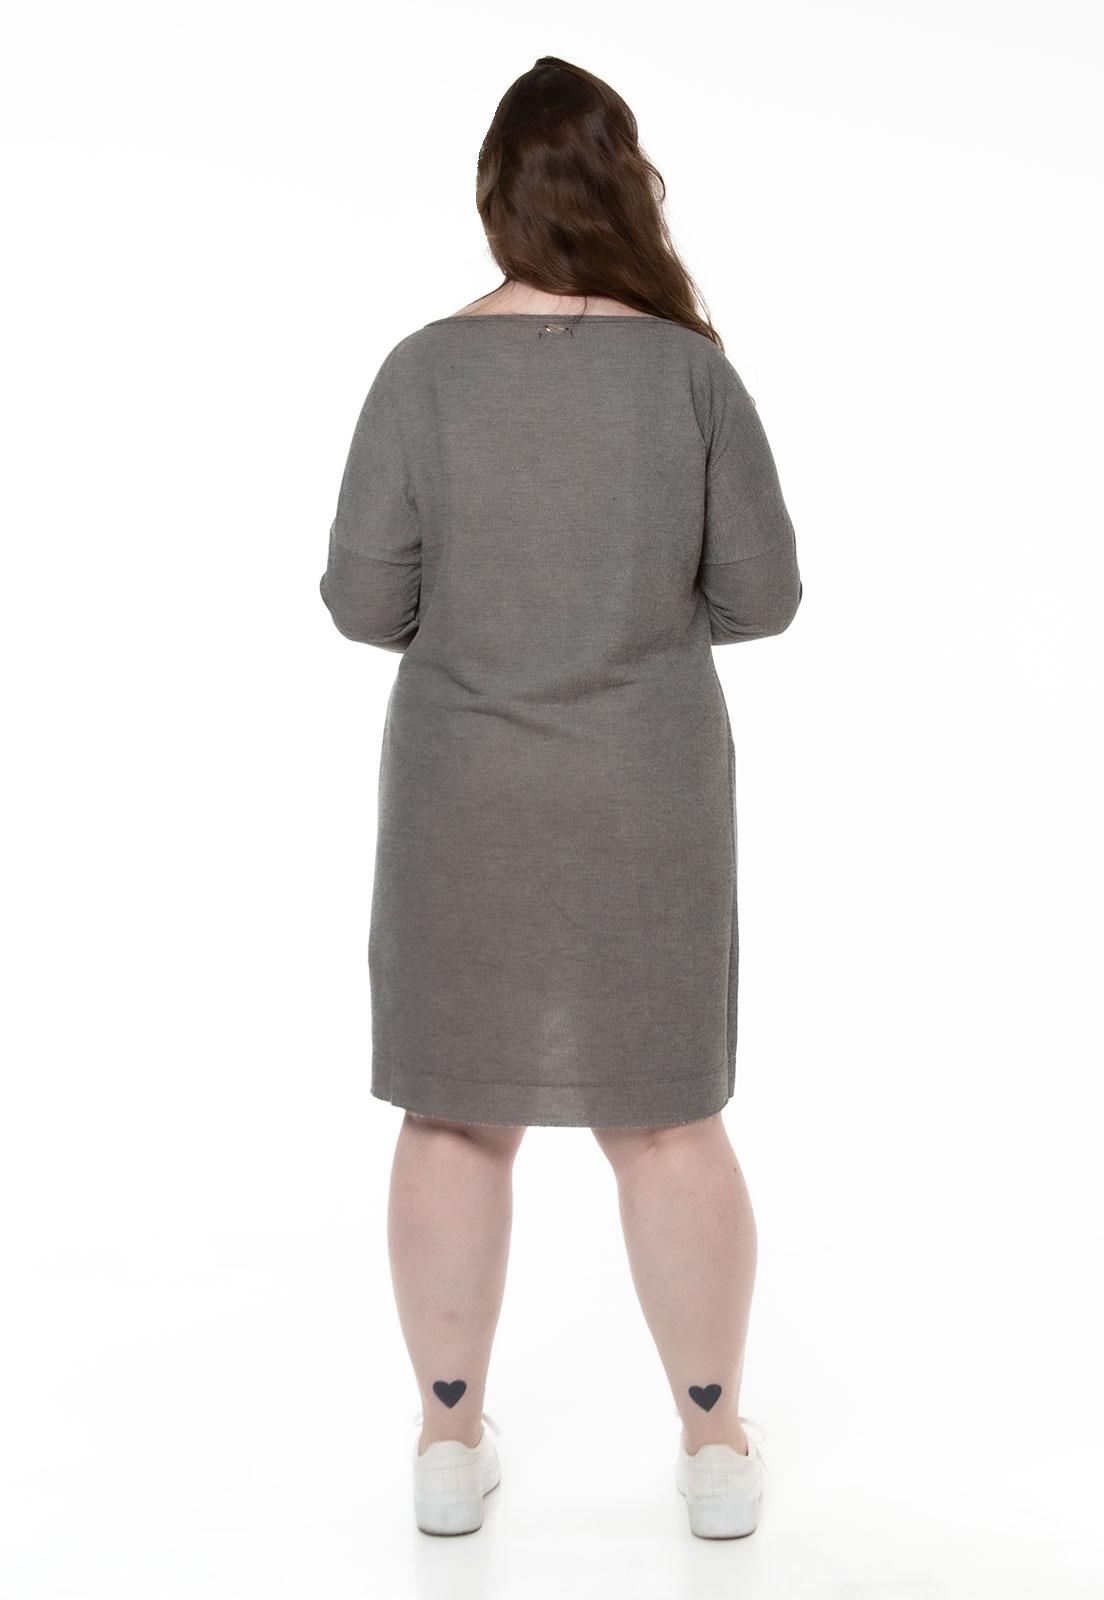 Vestido cinza em moletinho com bolsos frontais